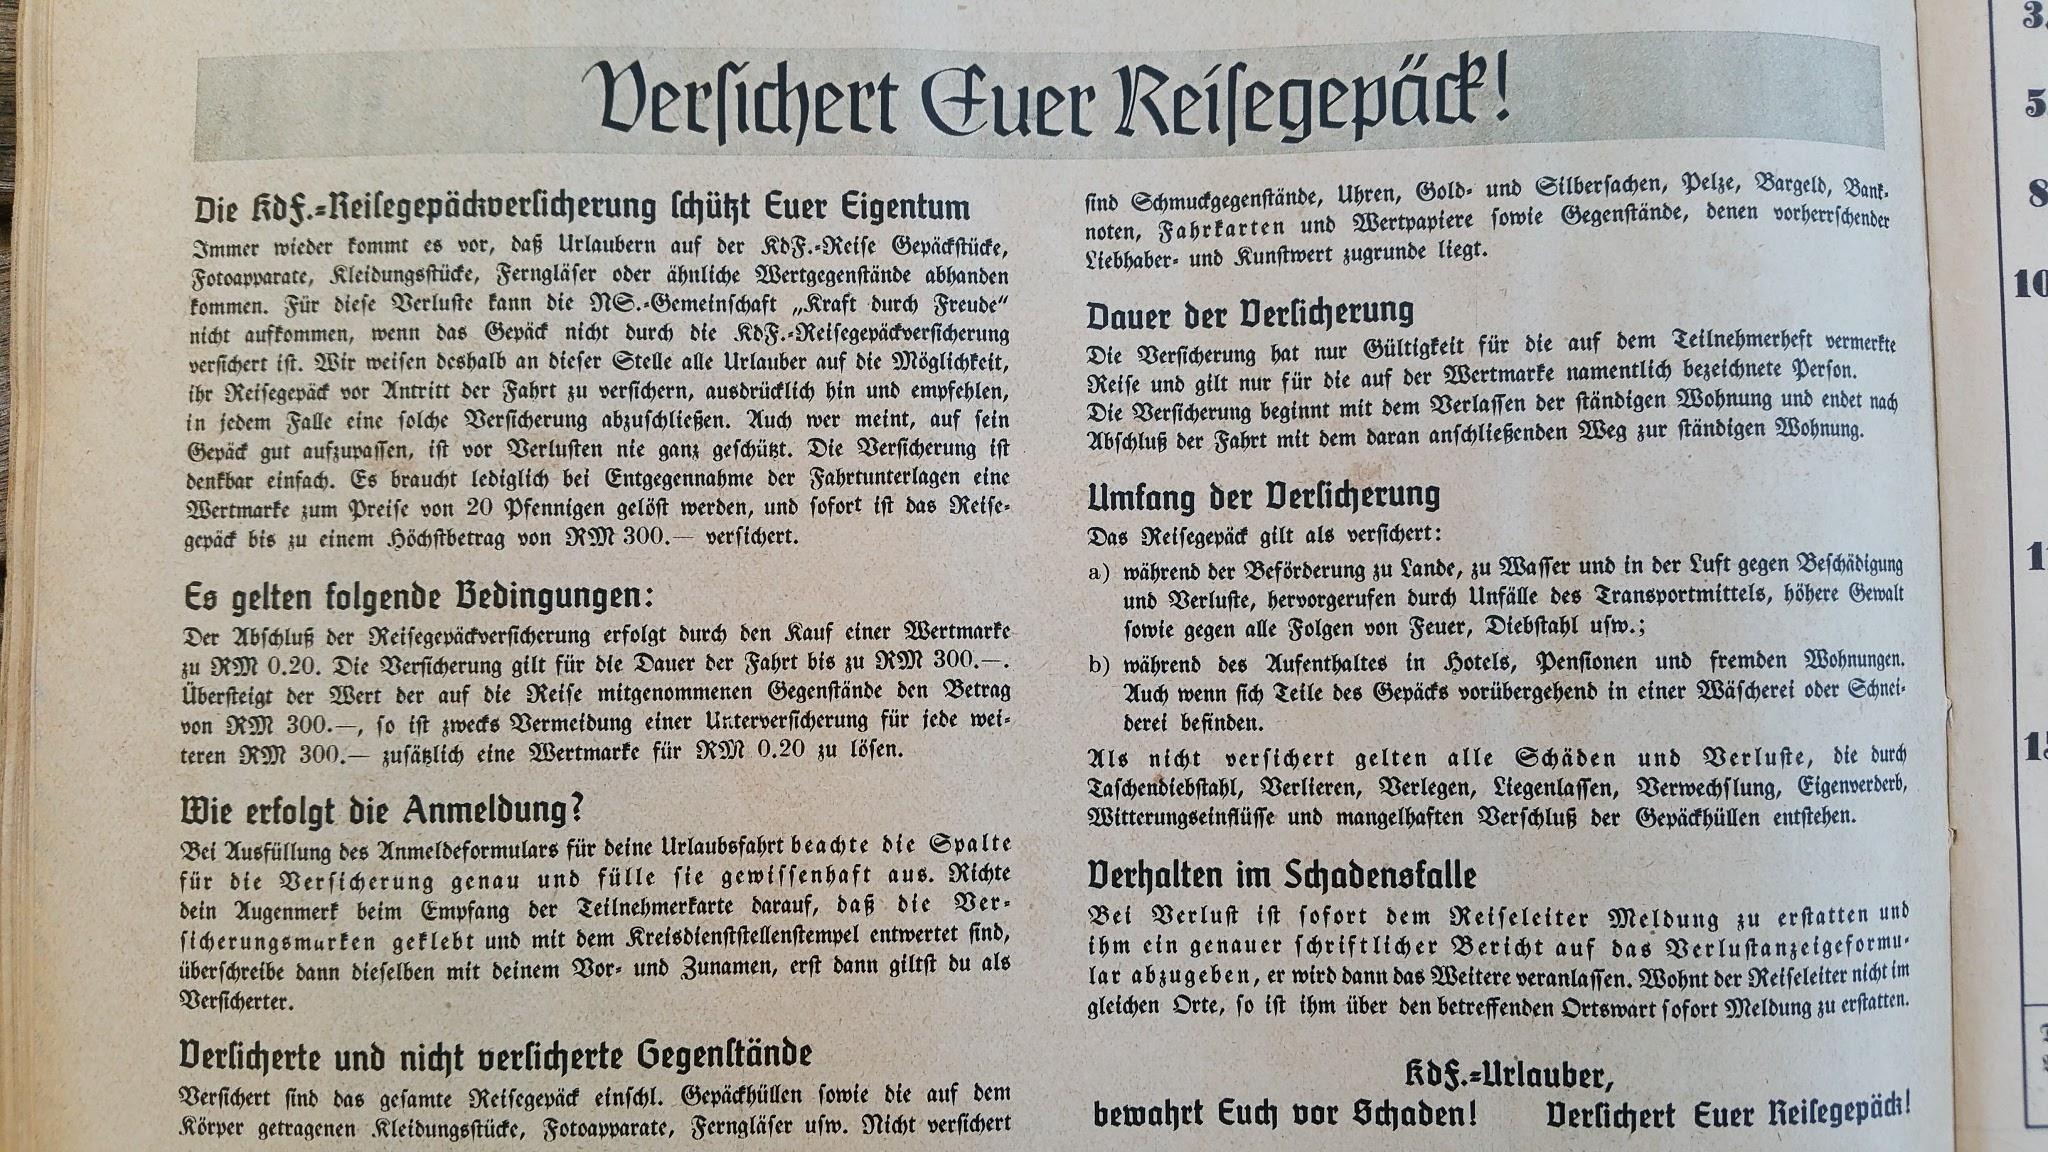 """Die Deutsche Arbeitsfront - Urlaubsfahrten 1939 - NS-Gemeinschaft """"Kraft durch Freude"""" Gau Sachsen - Katalog"""